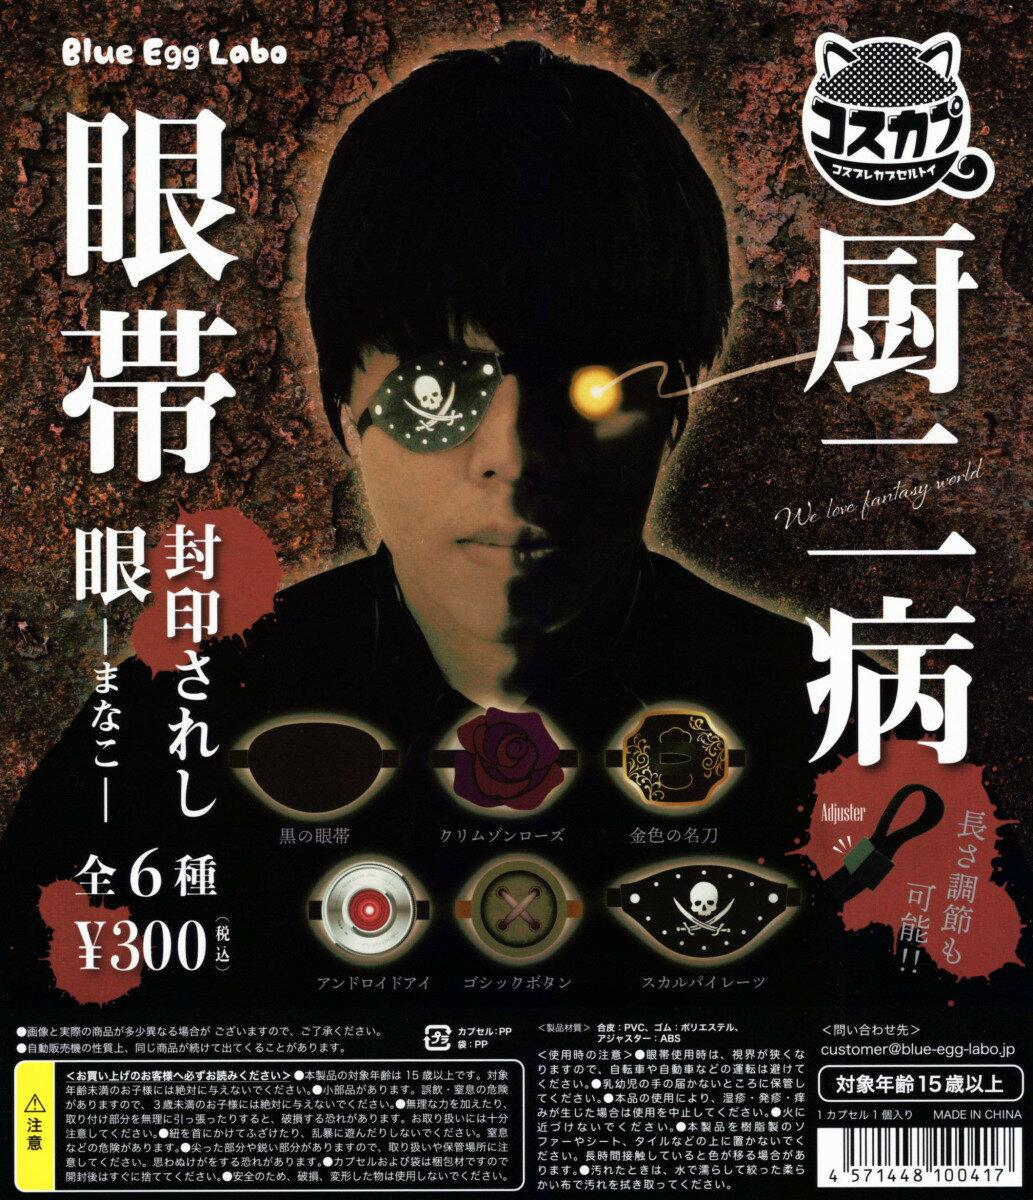 產品詳細資料,日本Yahoo代標|日本代購|日本批發-ibuy99|興趣、愛好|收藏|噠|厨二病 眼帯 封印されし 眼 -まなこ- 全6種セット コンプ コンプリート